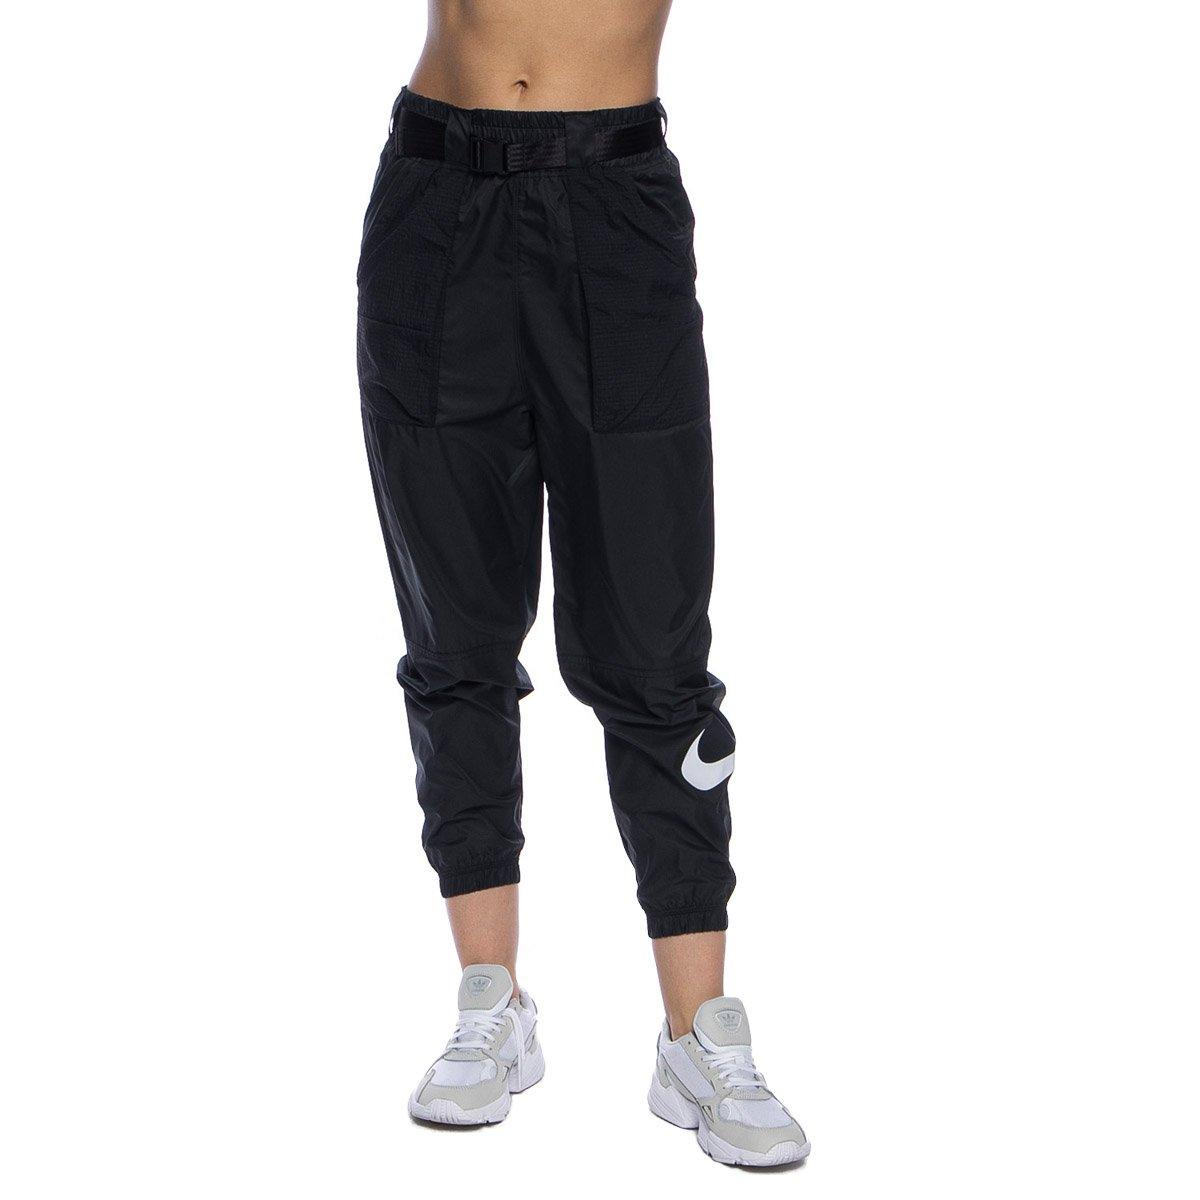 Spodnie damskie Nike NSW Swoosh Pant WVN czarne